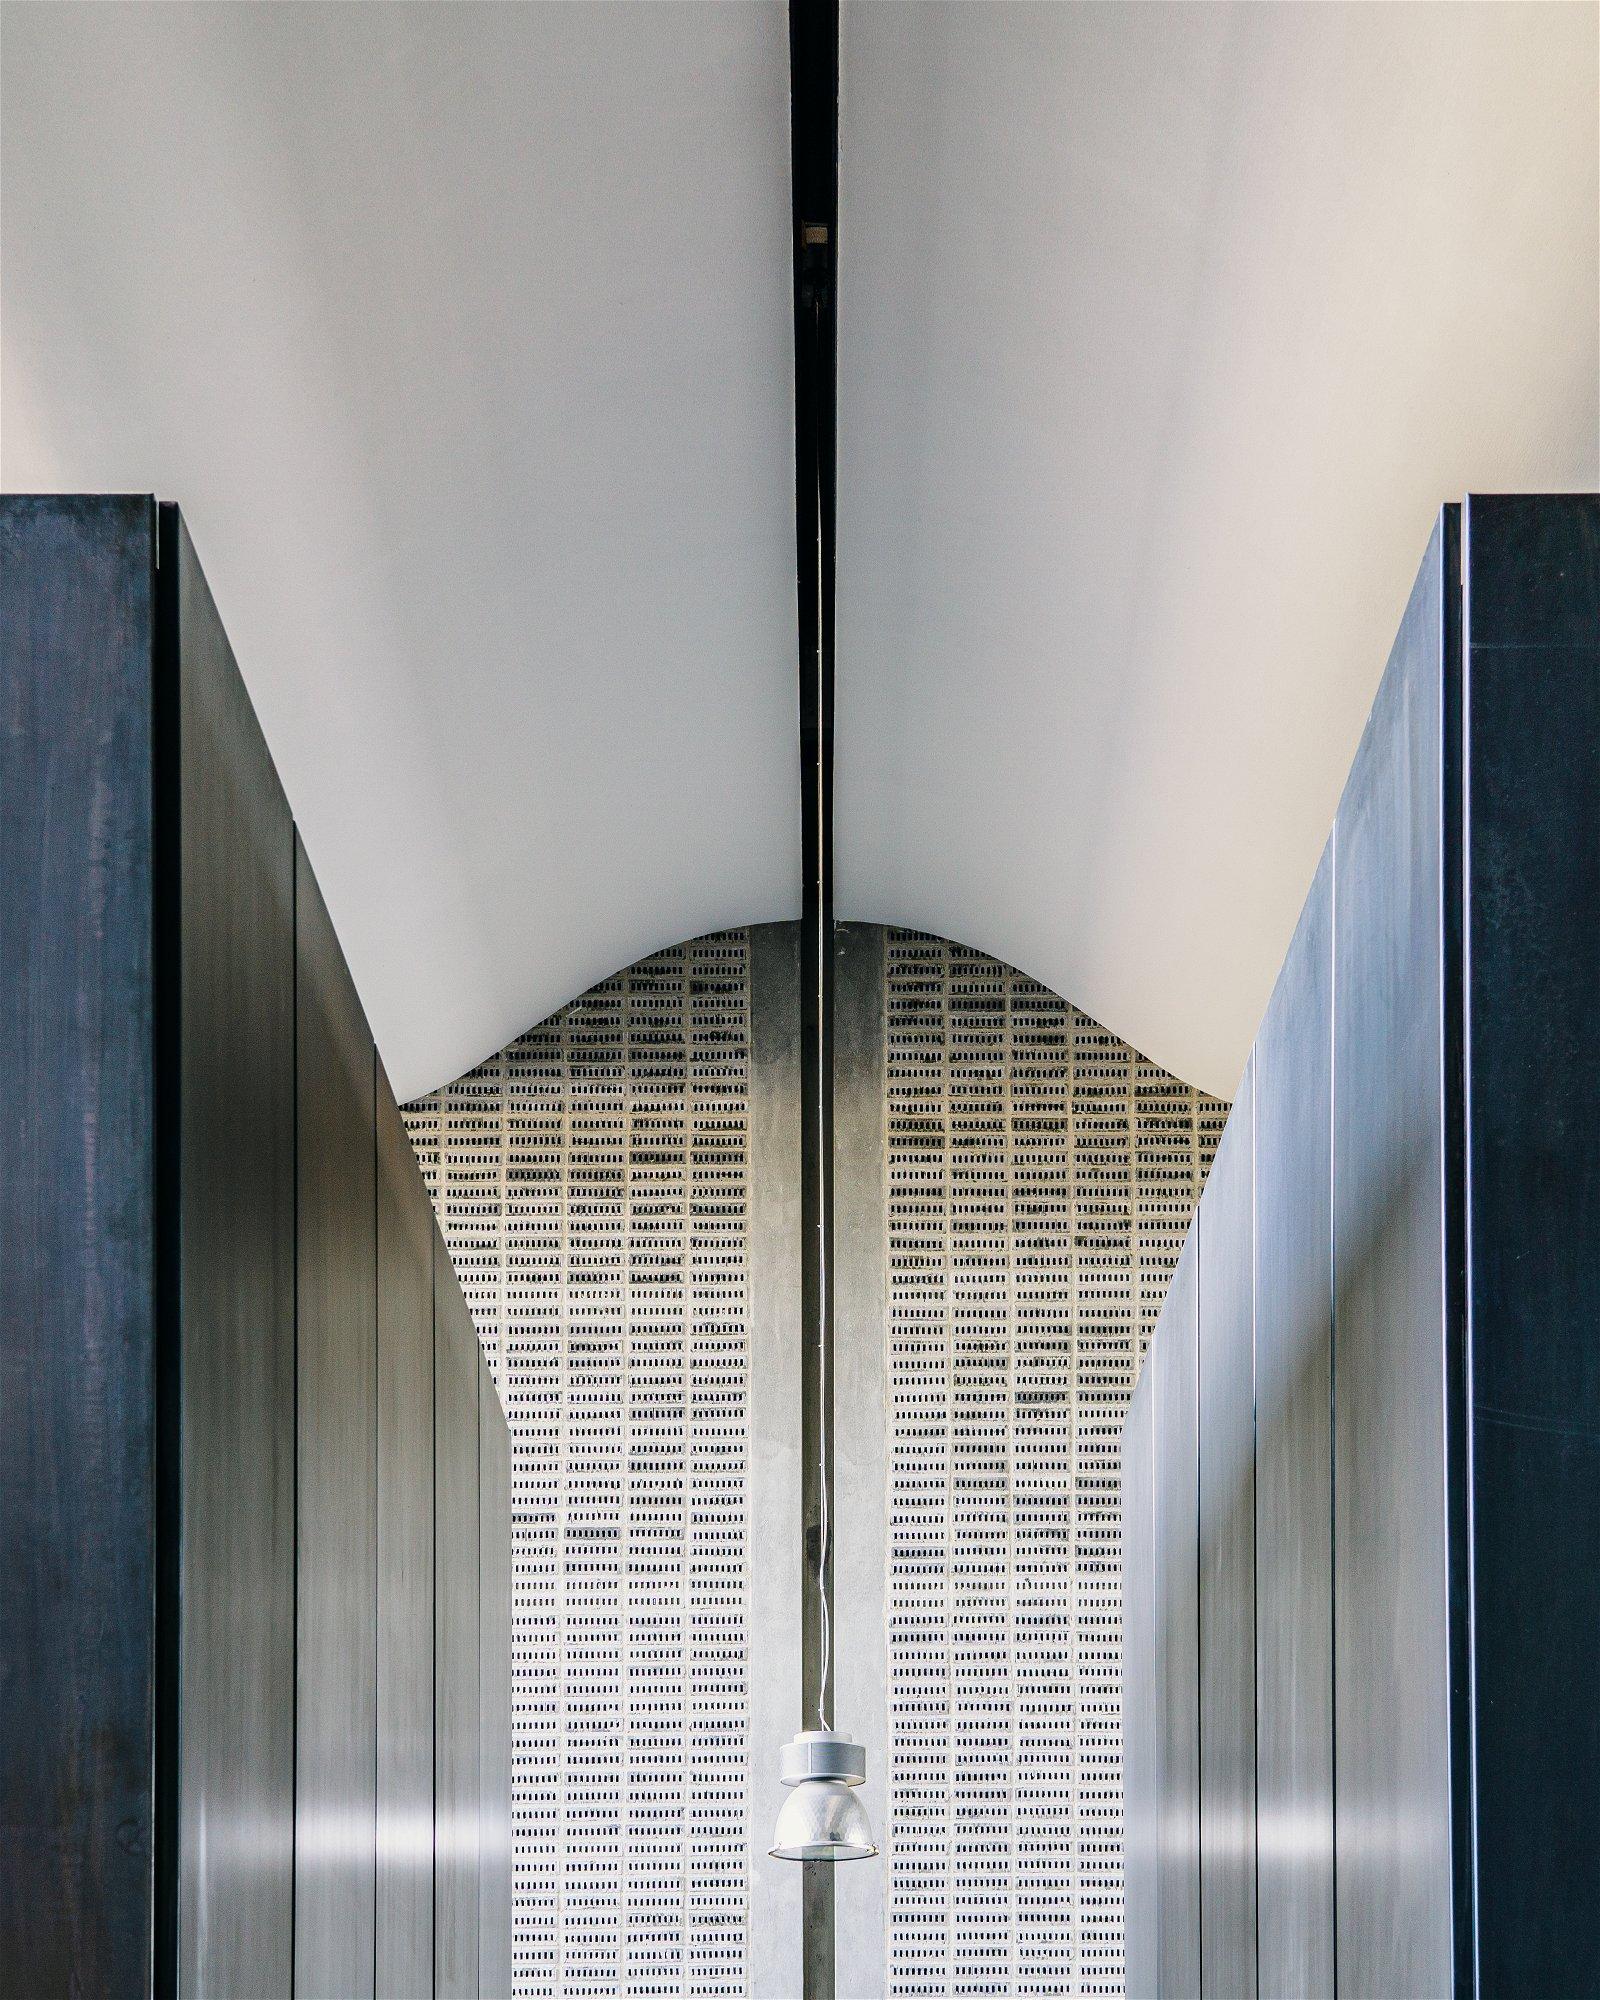 Ringsted Crematorium Ceiling